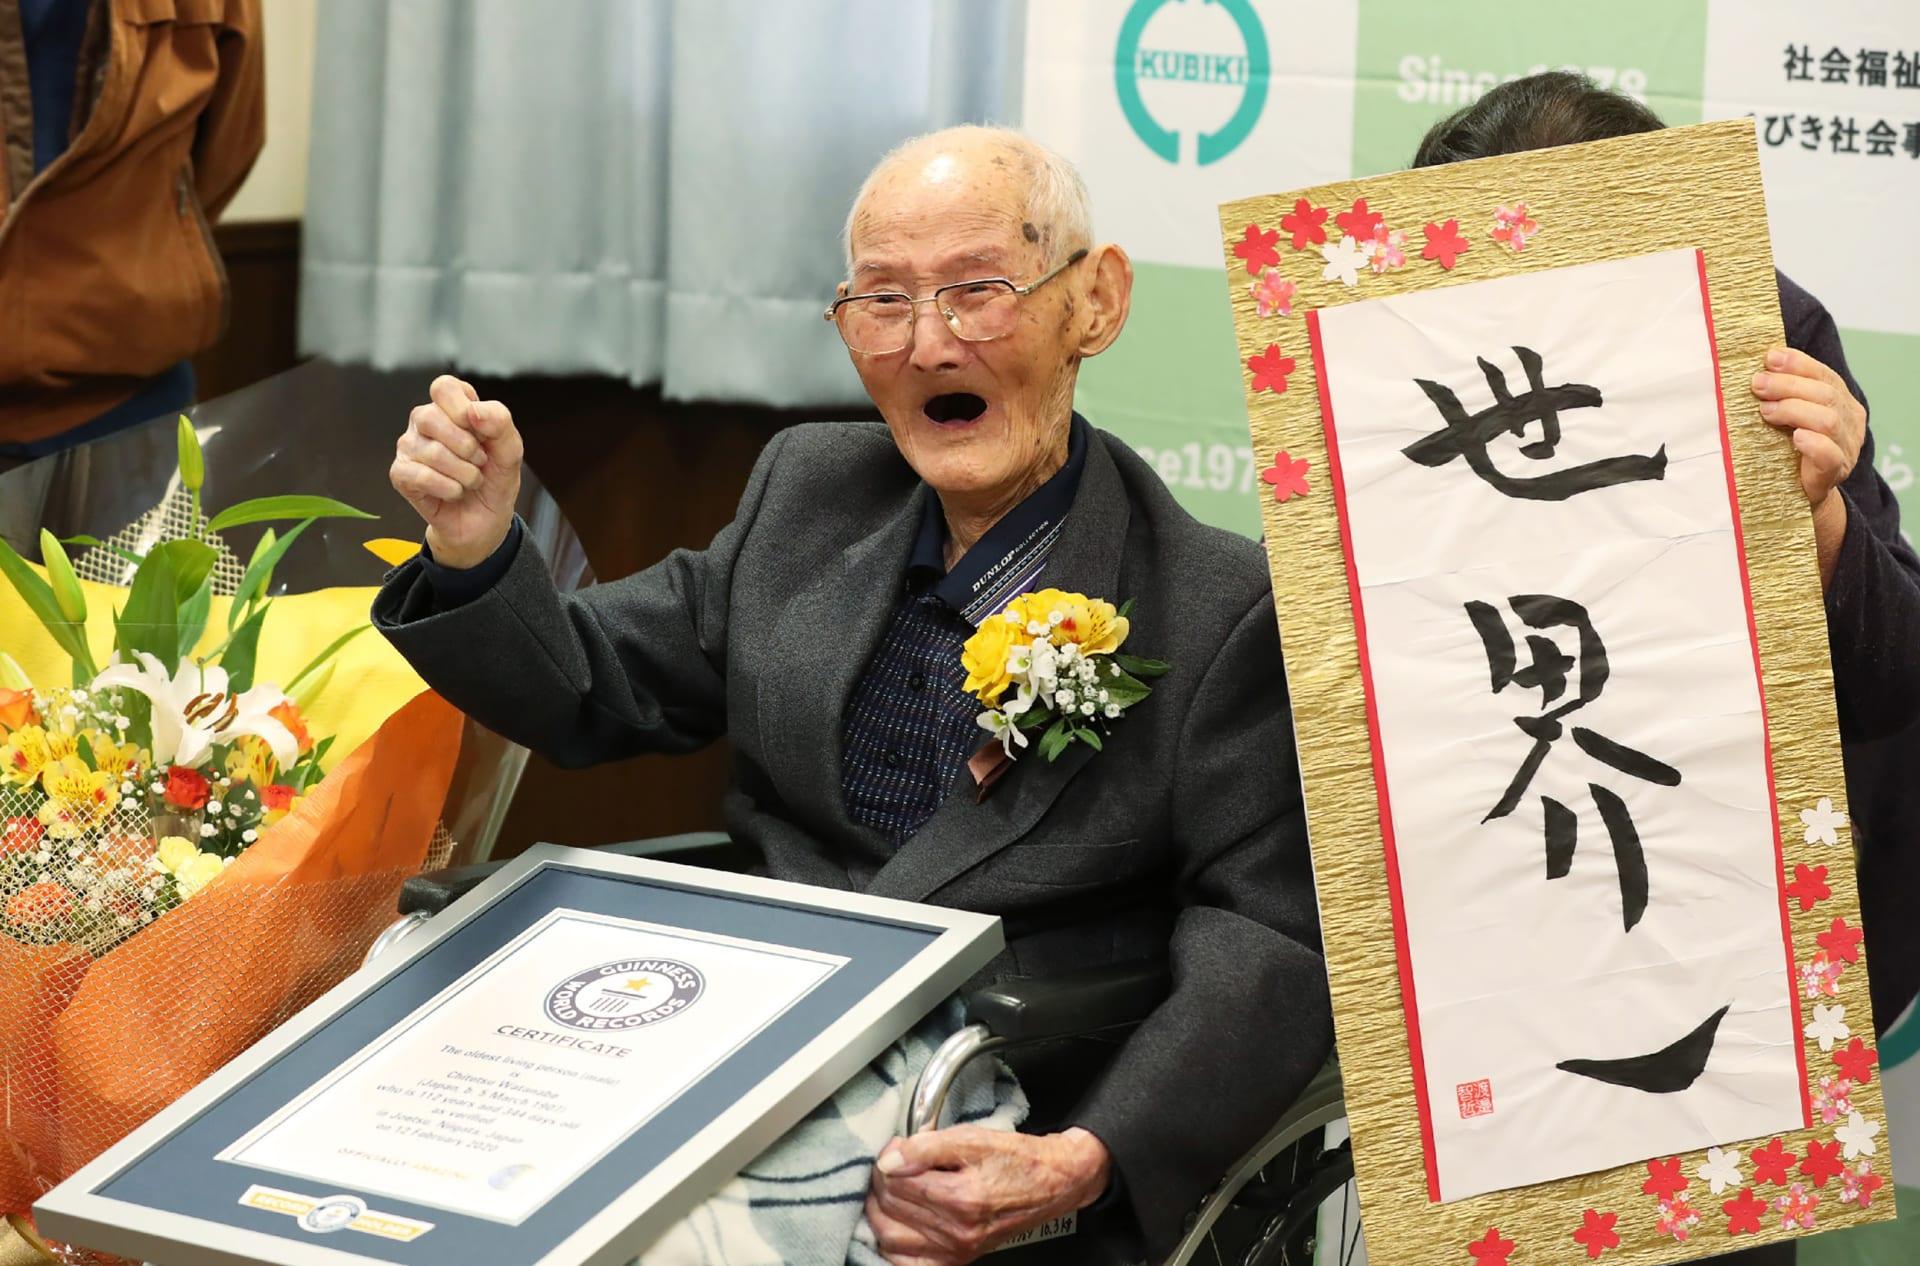 الرجل الأكبر سناً في العالم عمره 112 عاماً.. ما هو سره؟